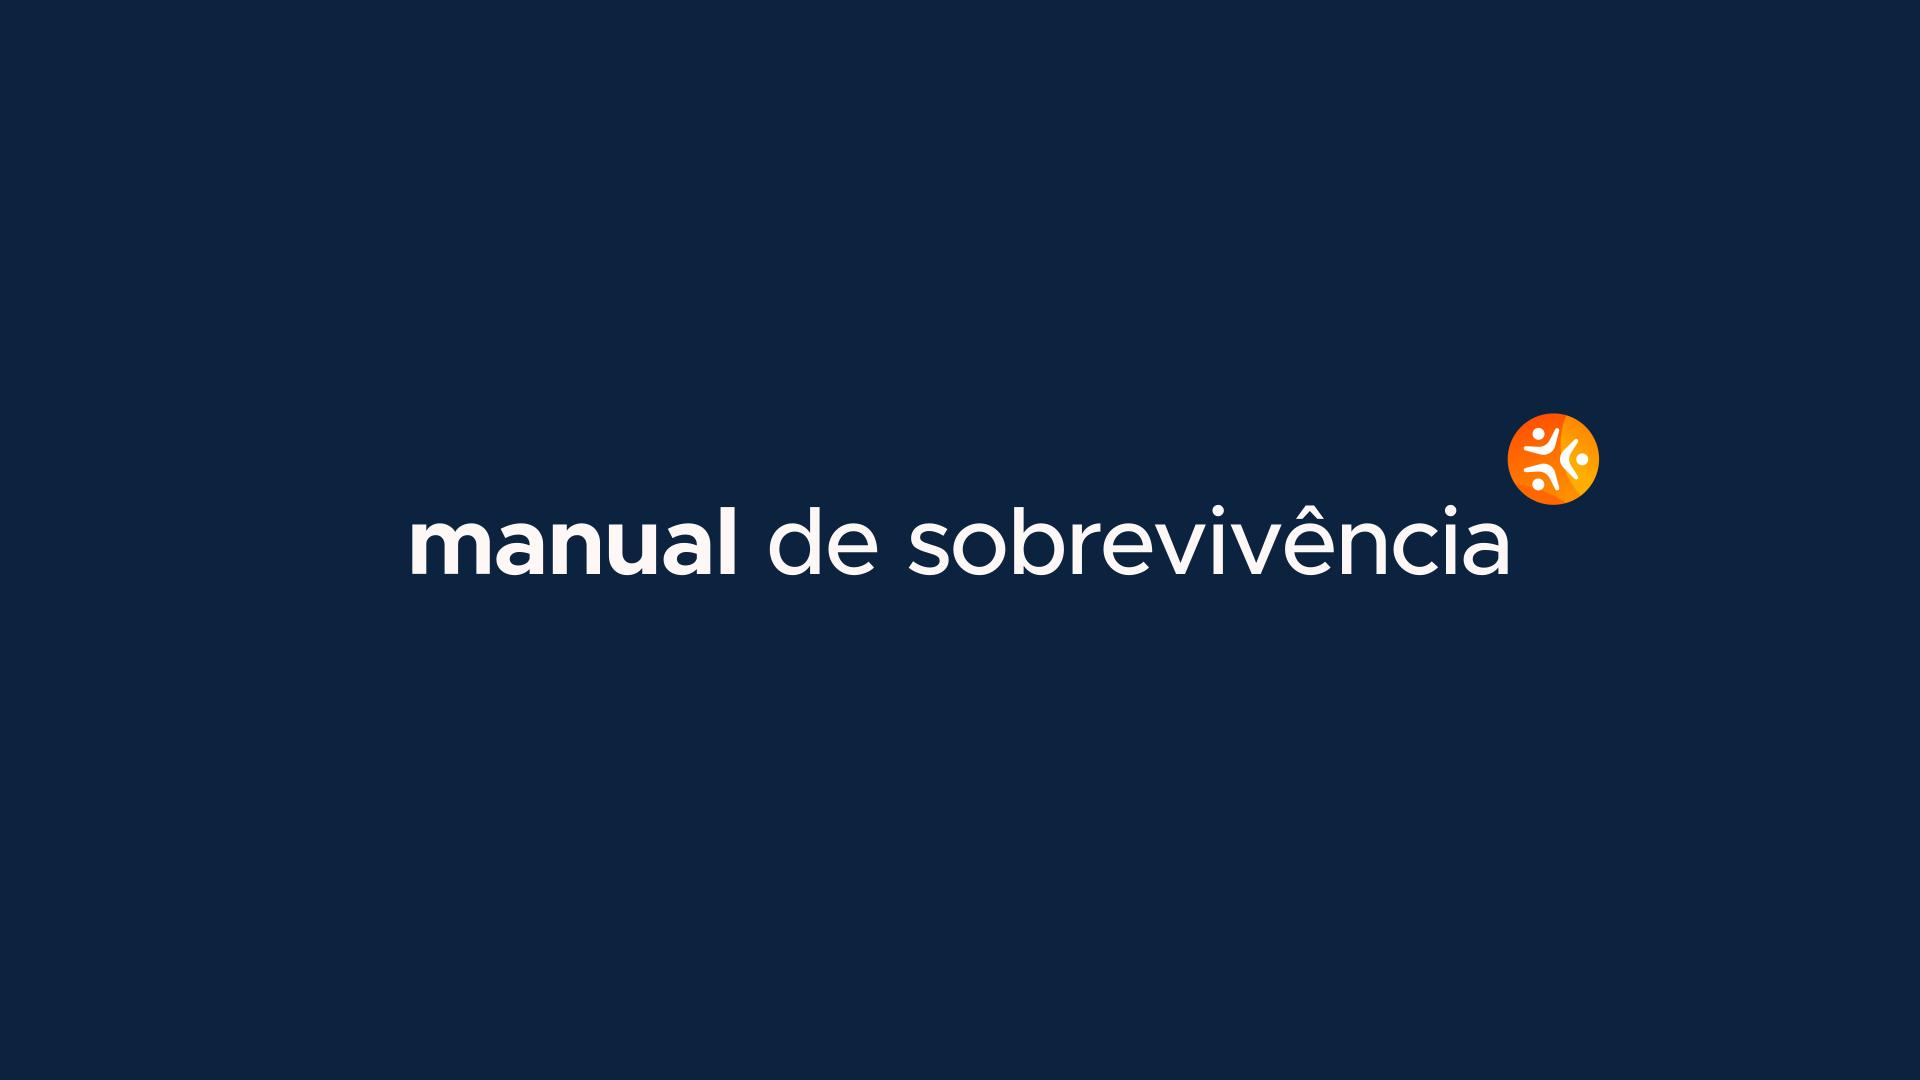 Logo do Manual de Sobrevivência